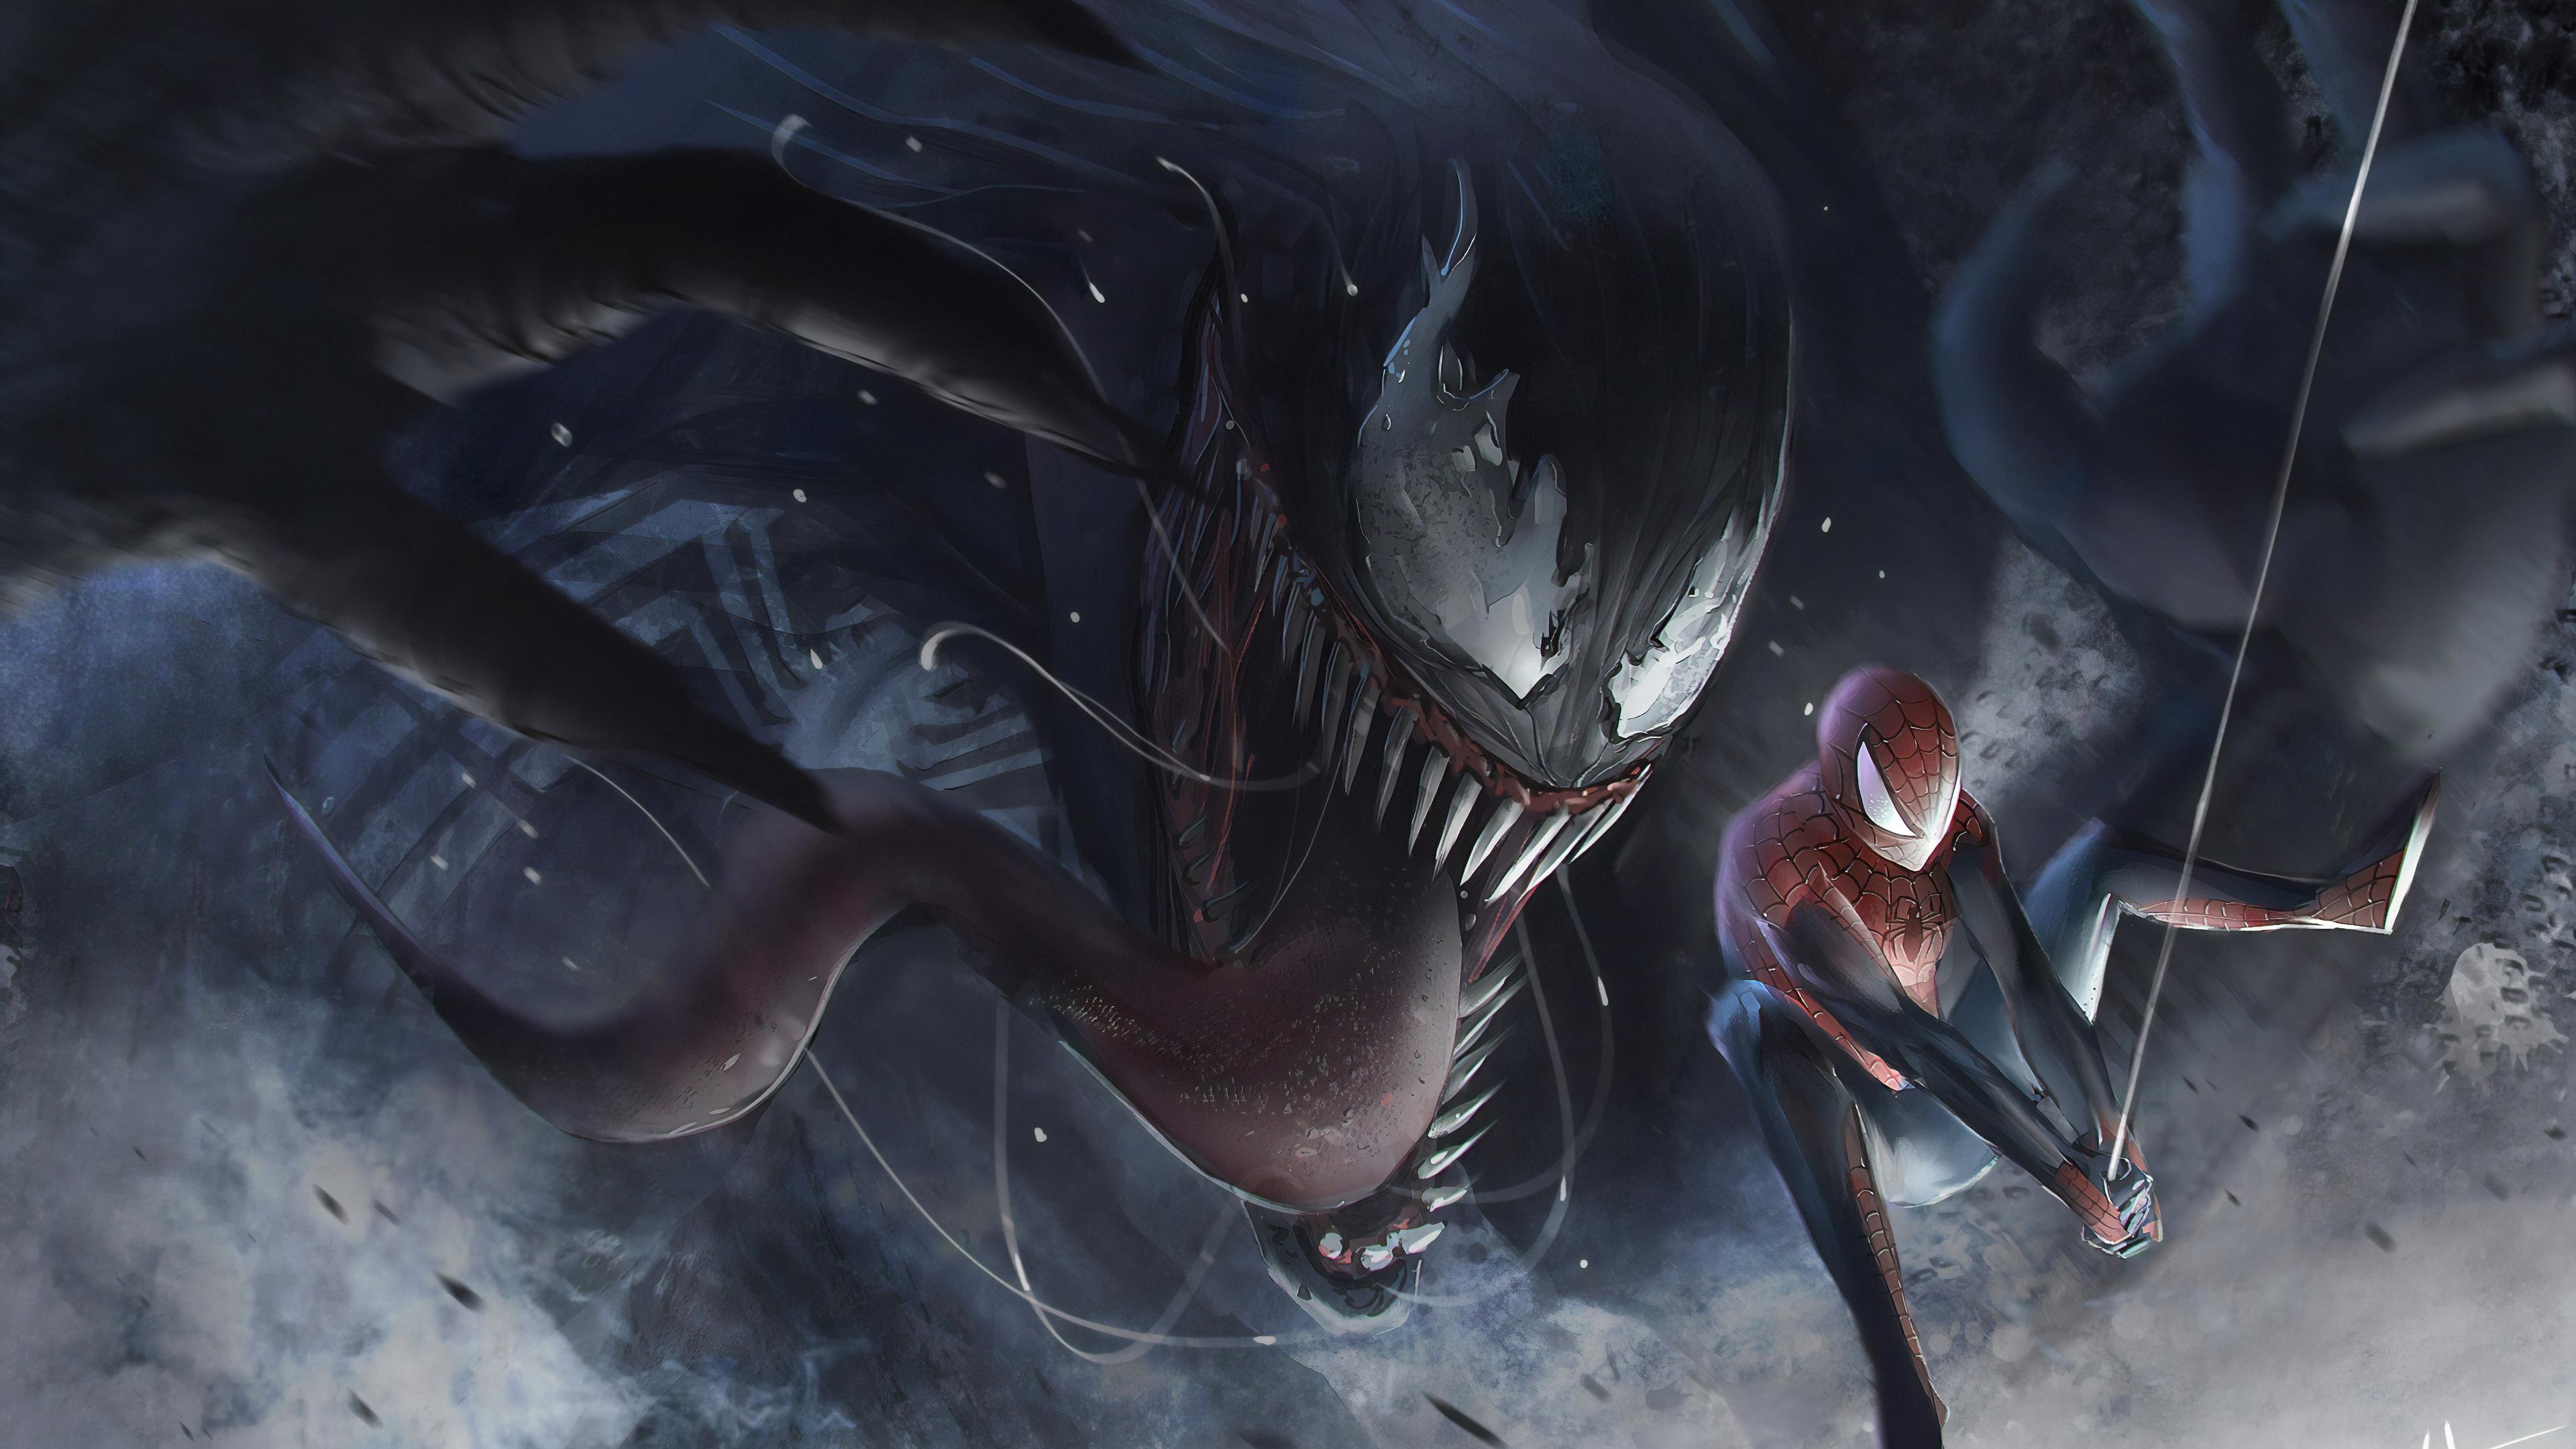 venom vs spidery 1565053692 - Venom Vs Spidery - Venom wallpapers, superheroes wallpapers, spiderman wallpapers, hd-wallpapers, deviantart wallpapers, artwork wallpapers, 4k-wallpapers